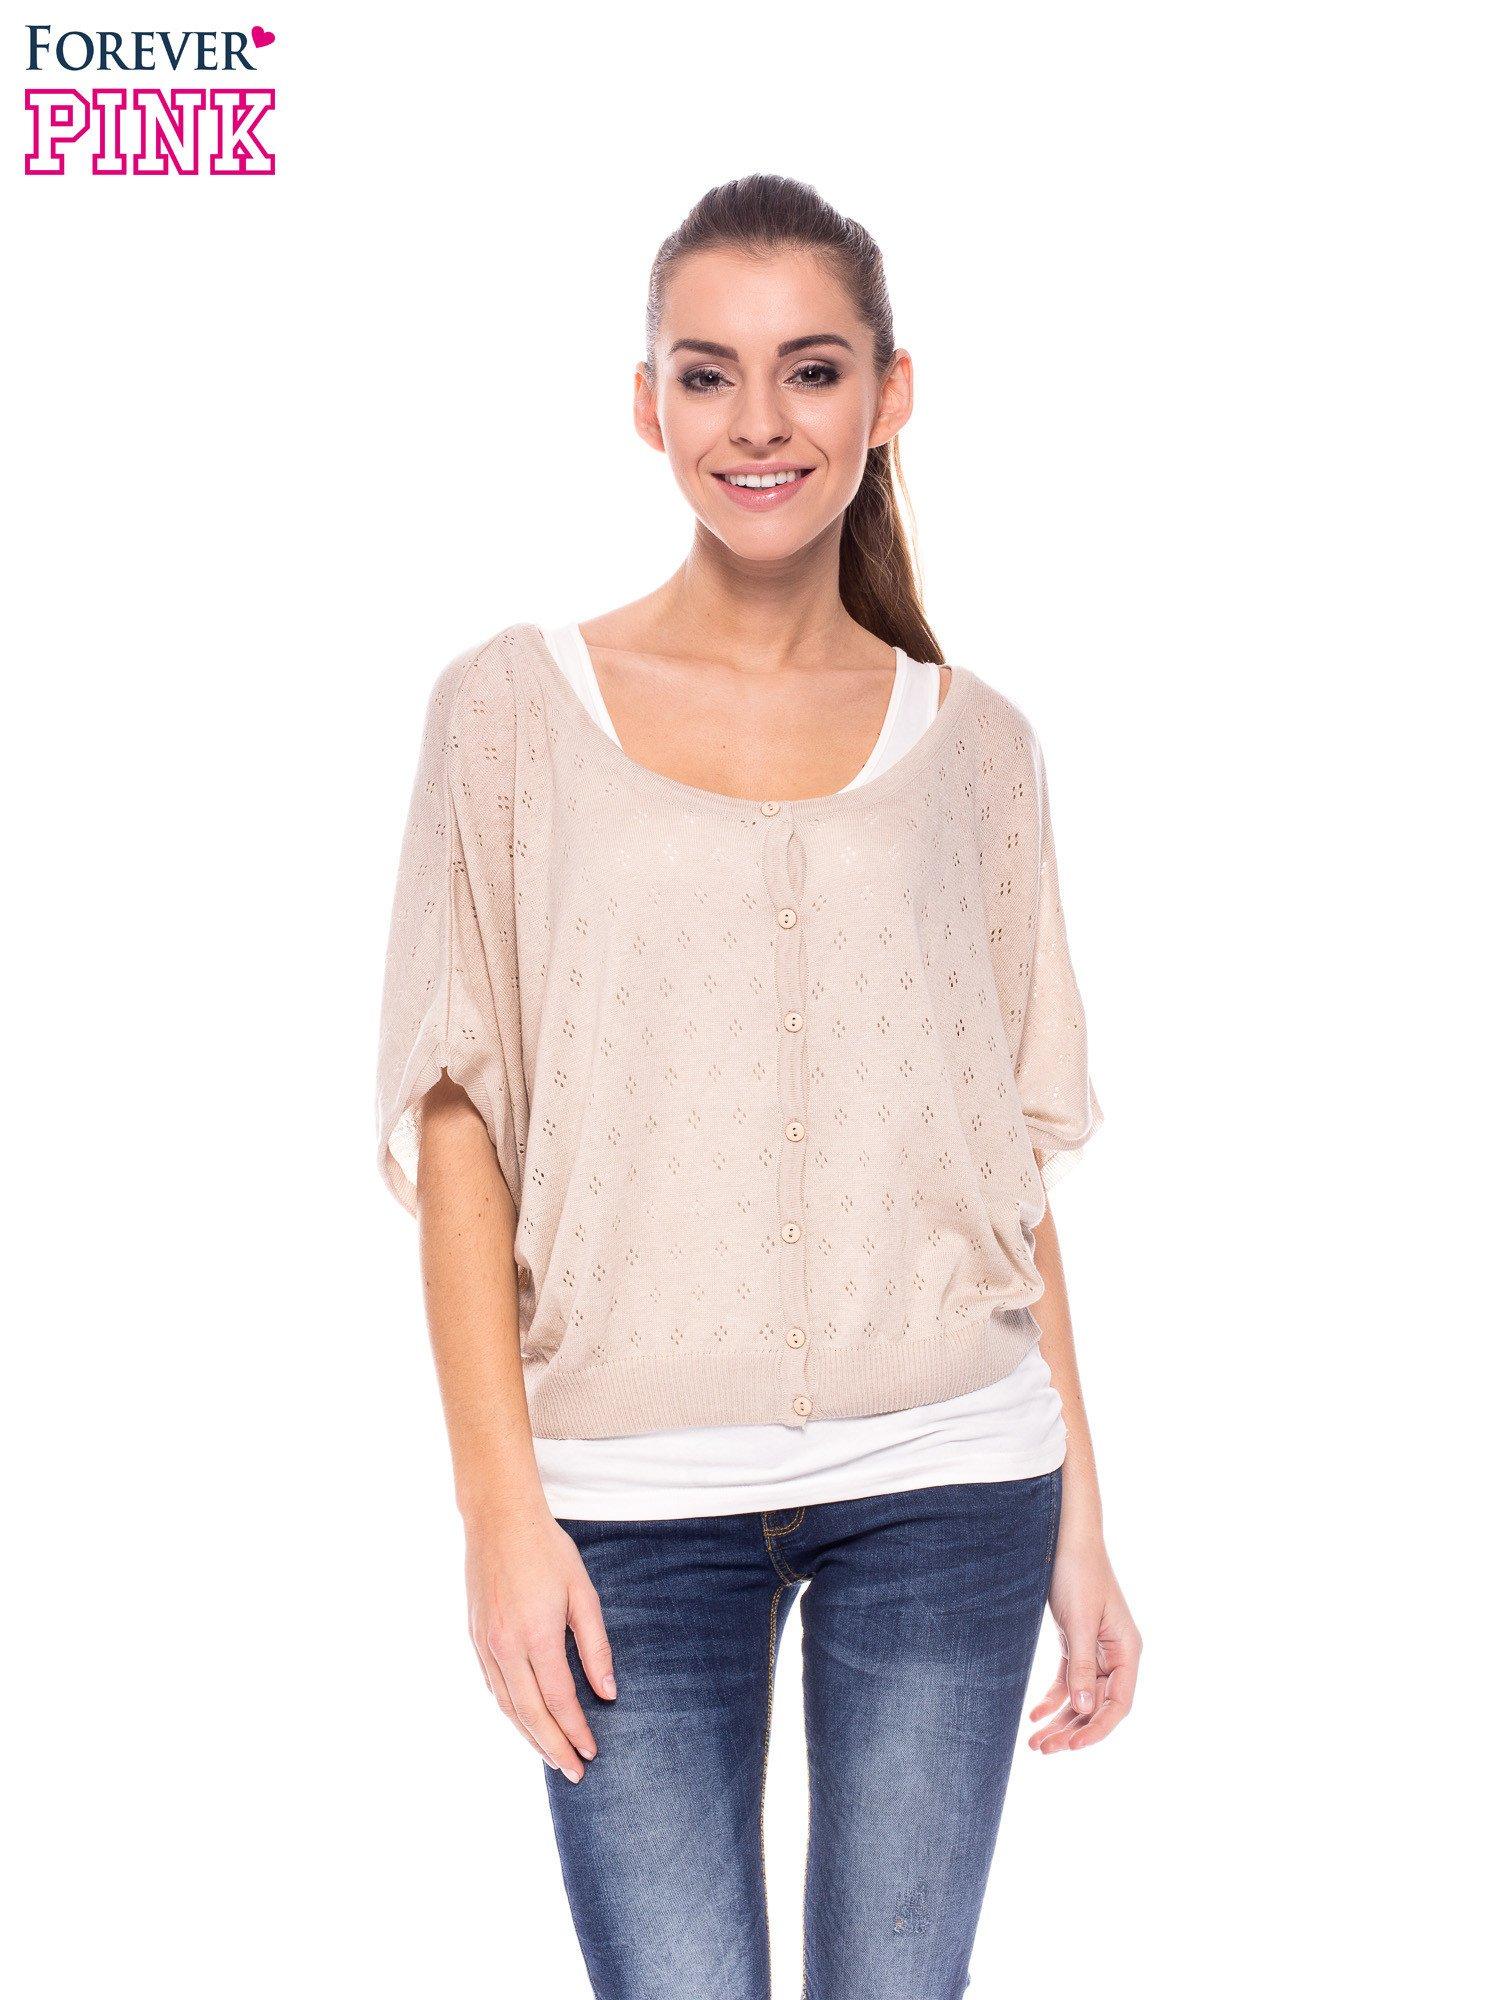 Beżowy ażurowy sweterek z krótkim rękawem                                  zdj.                                  1